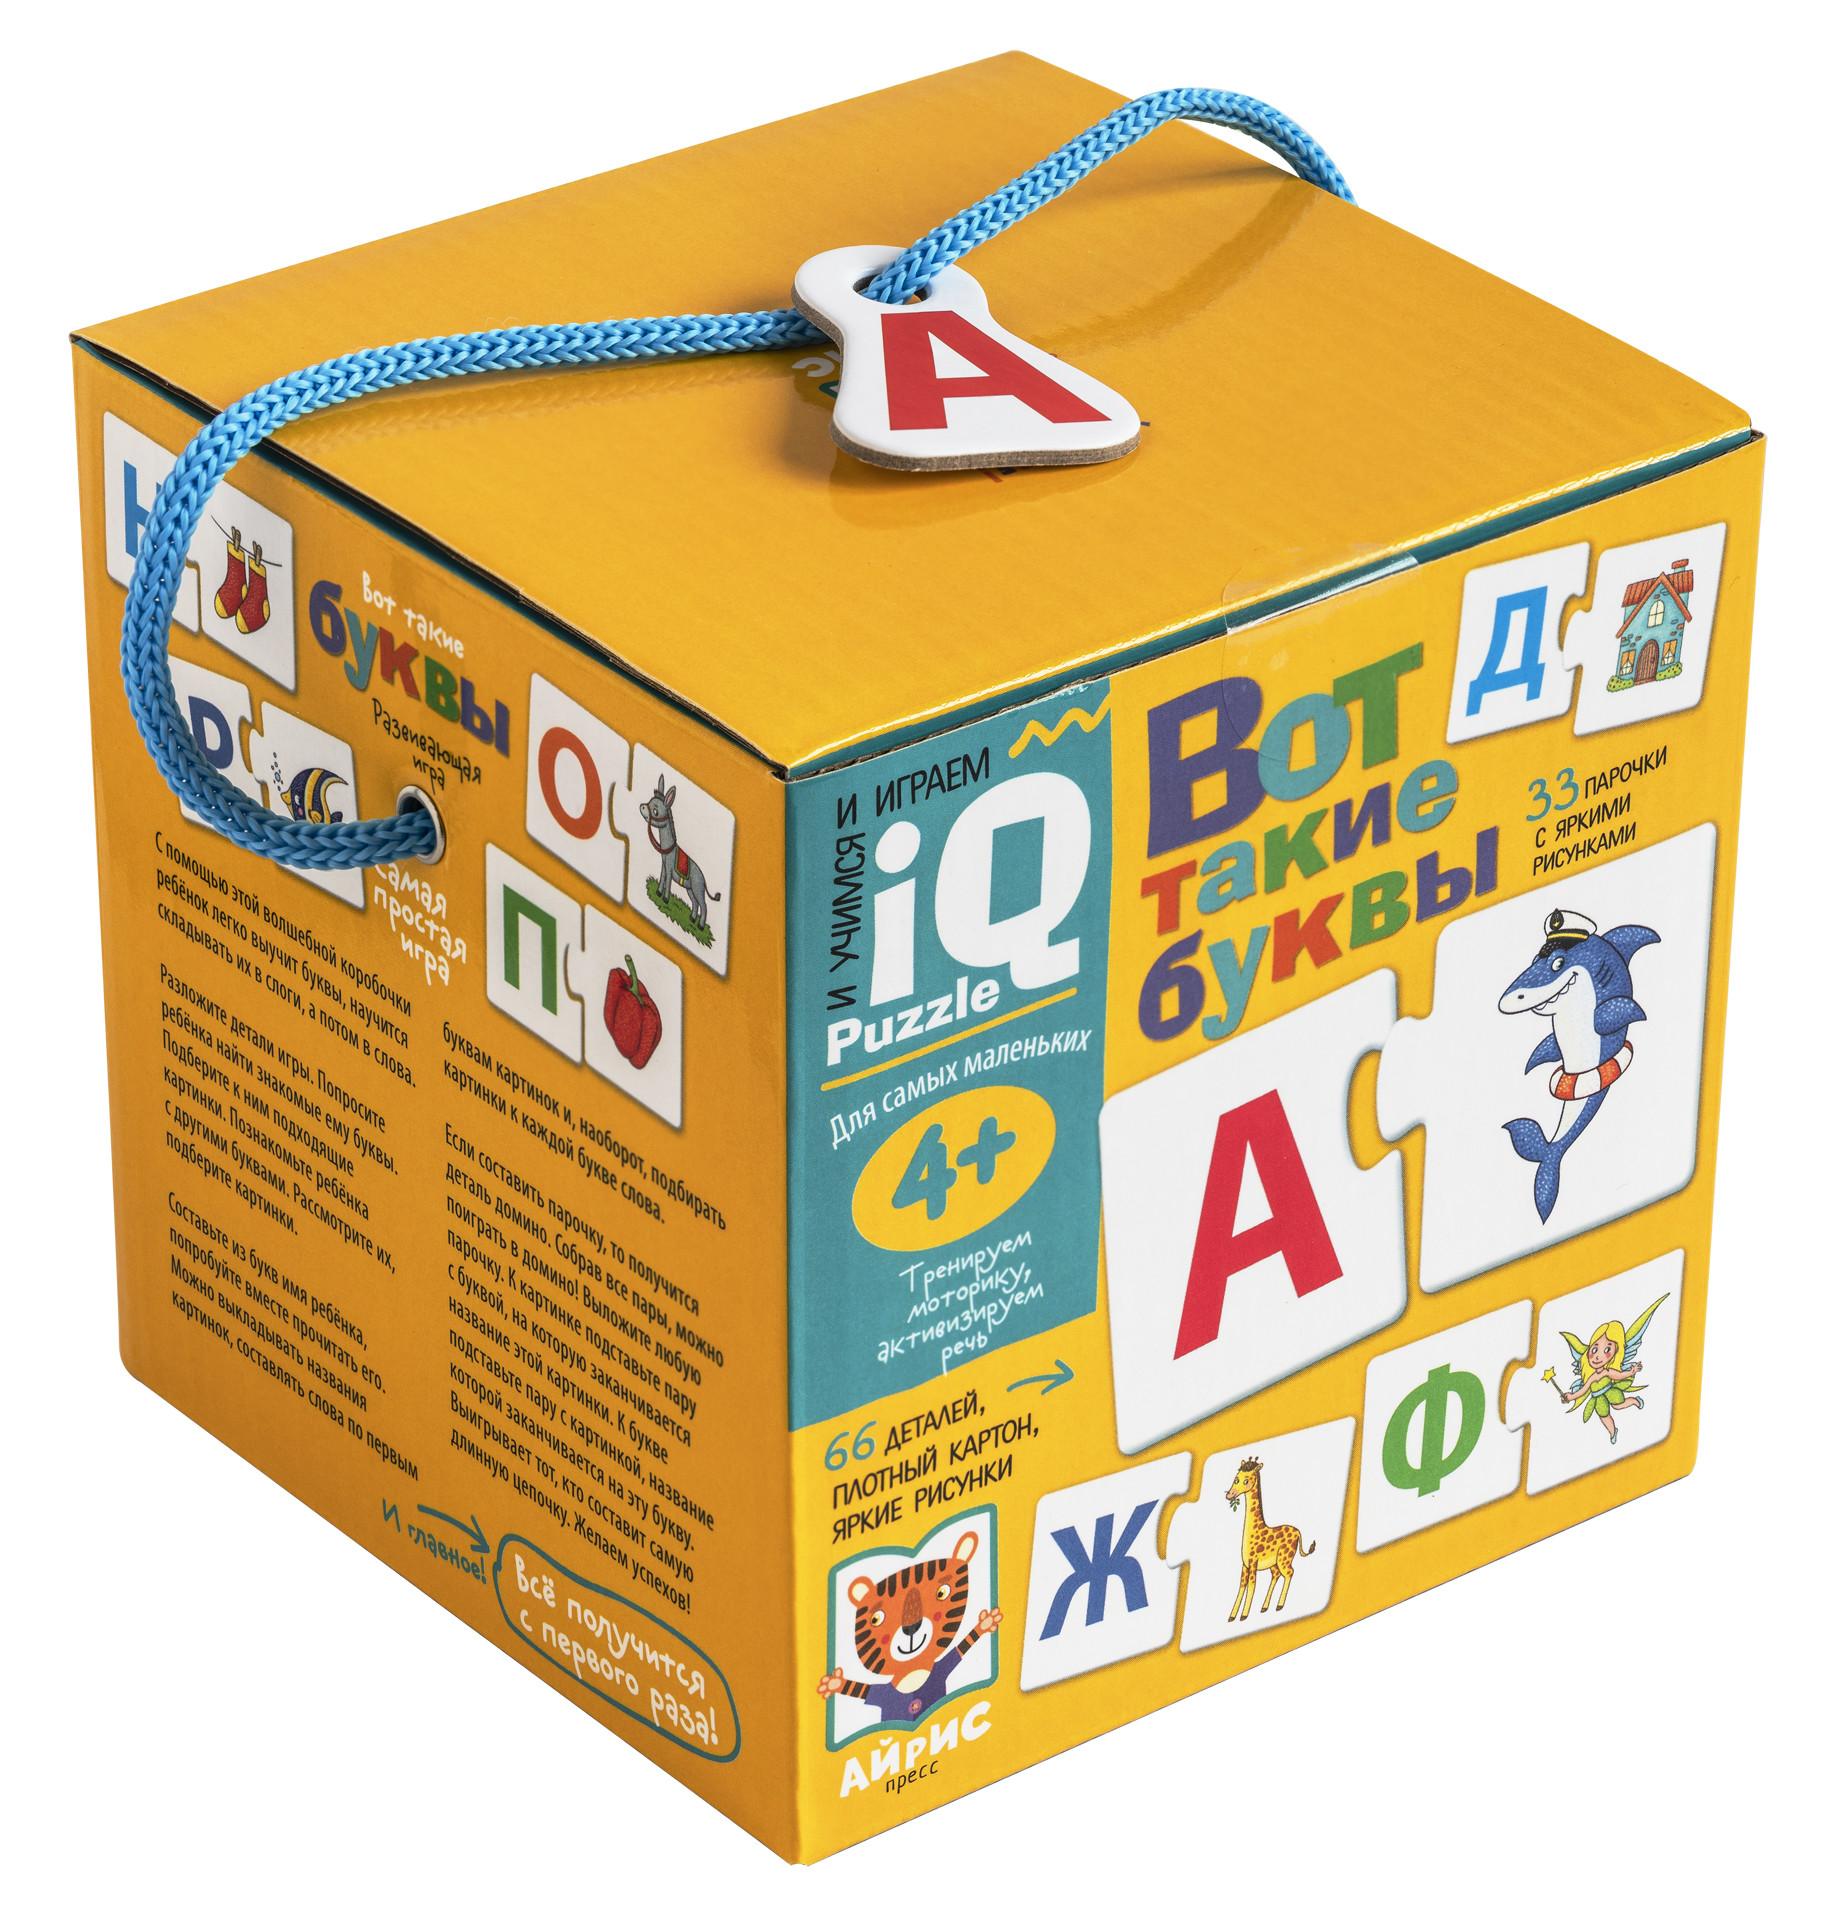 Игра Развивающая Вот такие буквы: 33 парочки с яркими рисунками